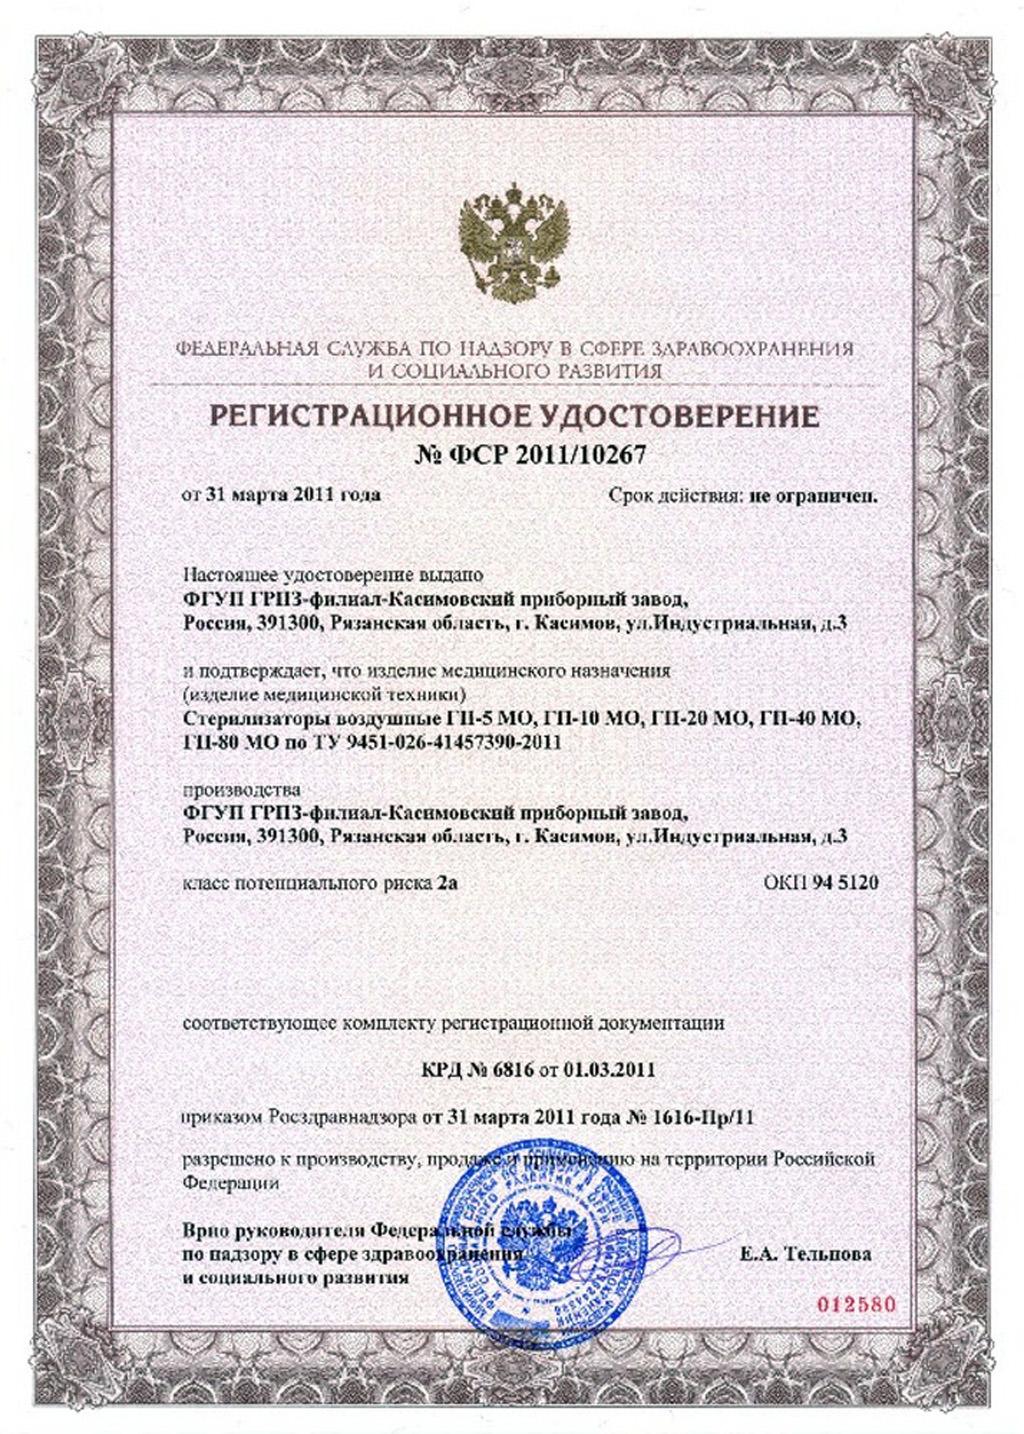 сертификат ГП-5МО, ГП-10МО, ГП-20МО, ГП-40МО, ГП-80МО Стерилизаторы воздушные